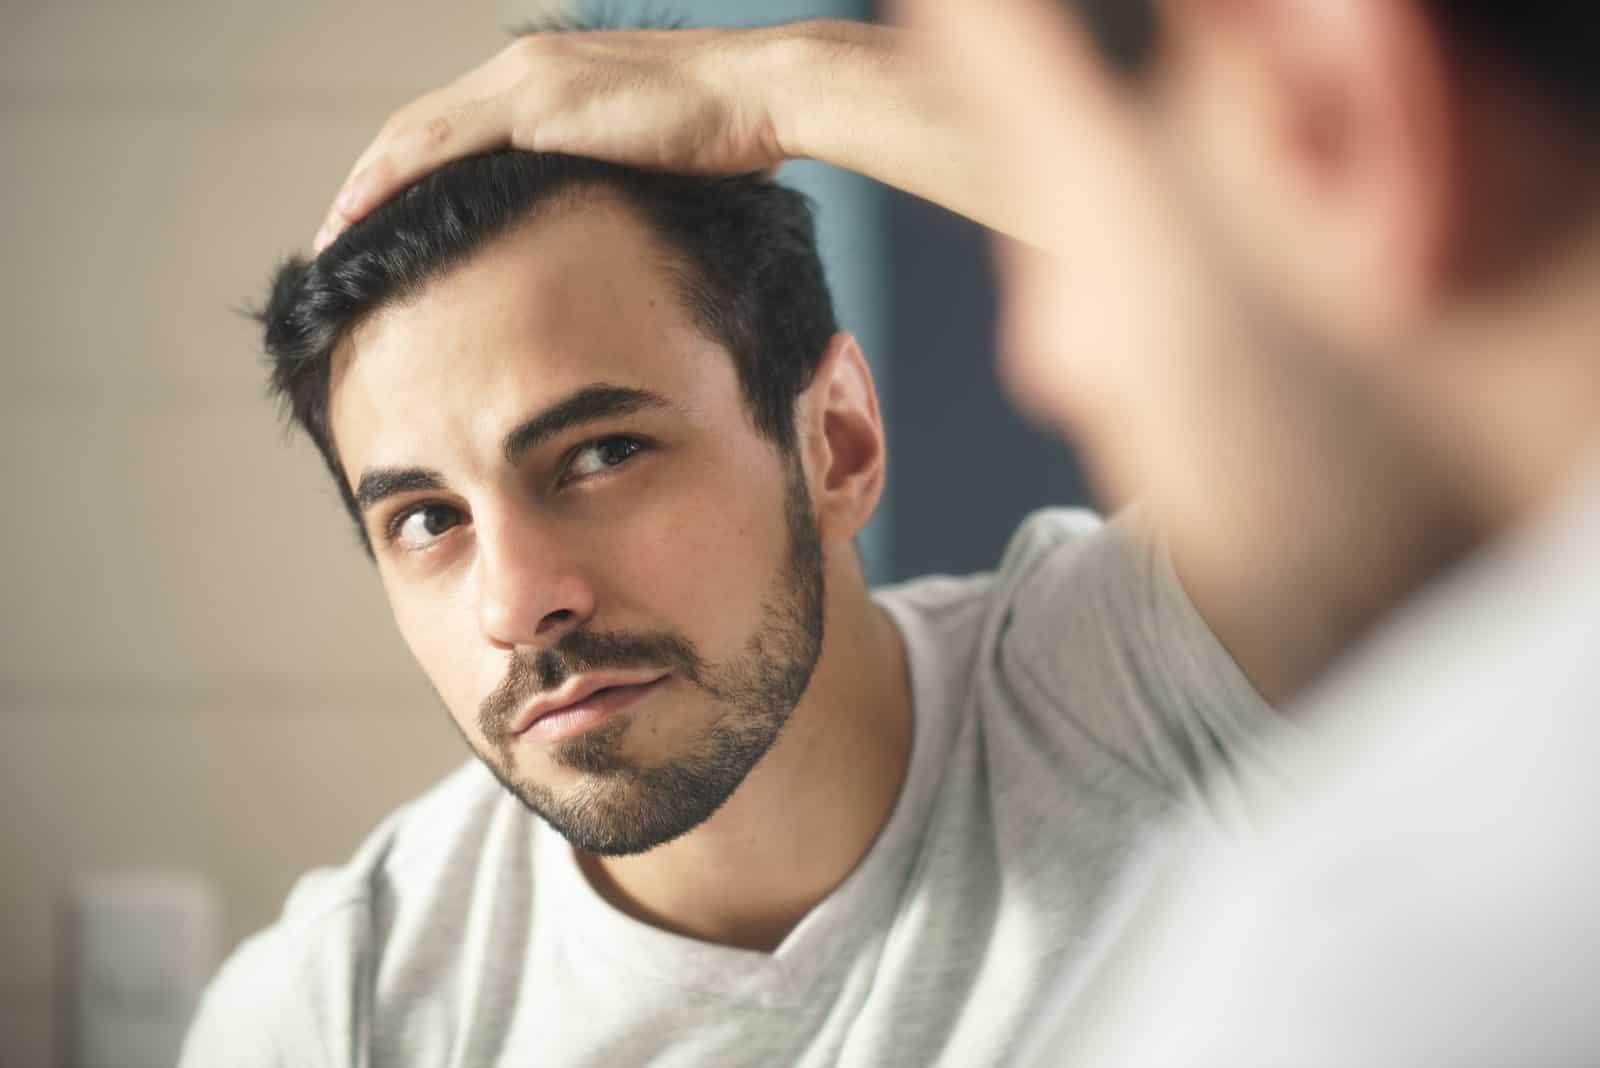 l'homme regarde dans le miroir